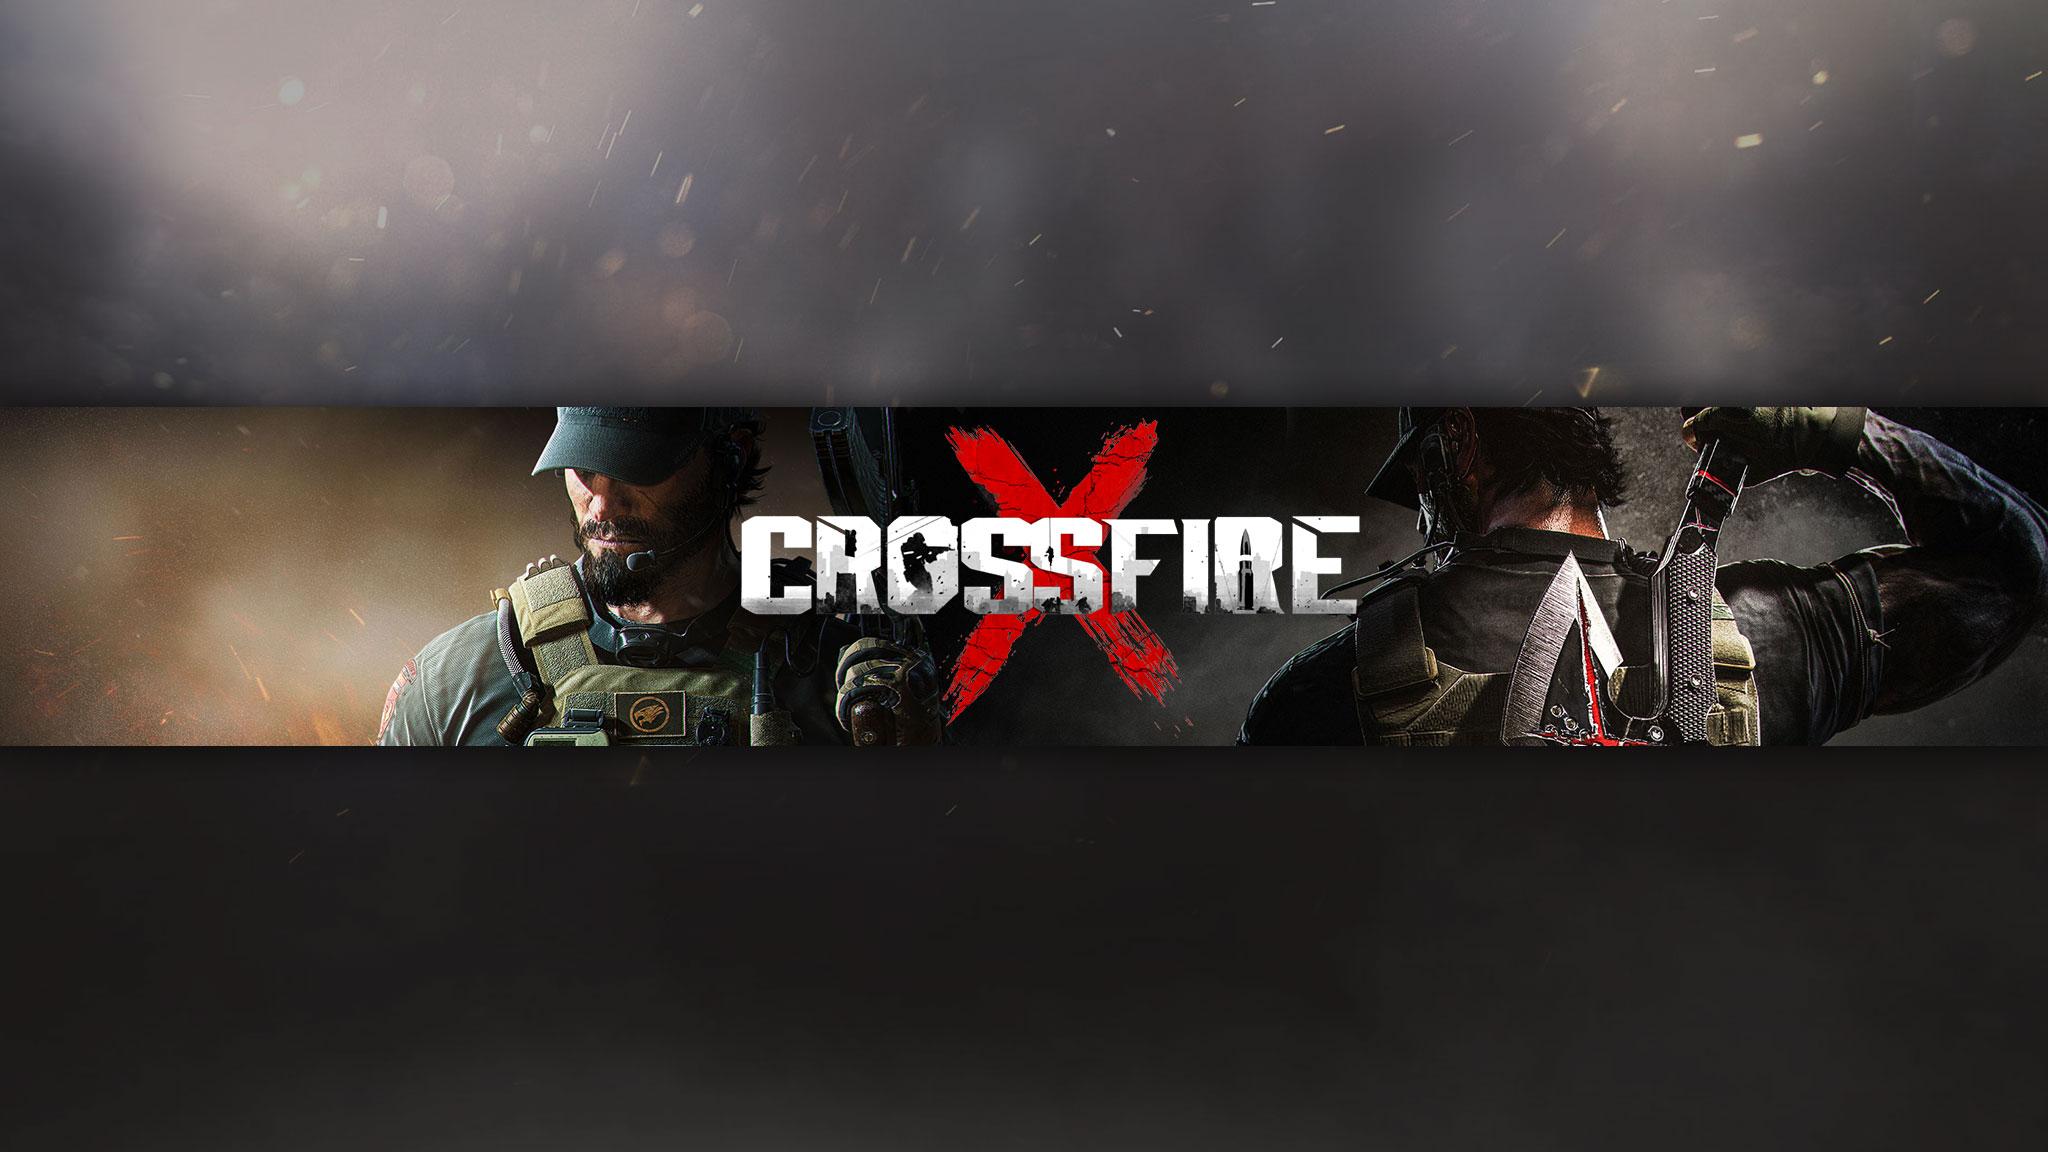 Картинка под игровые баннеры для ютуба 2048 1152 с логотипом CrossFire на фоне персонажей в военной форме.